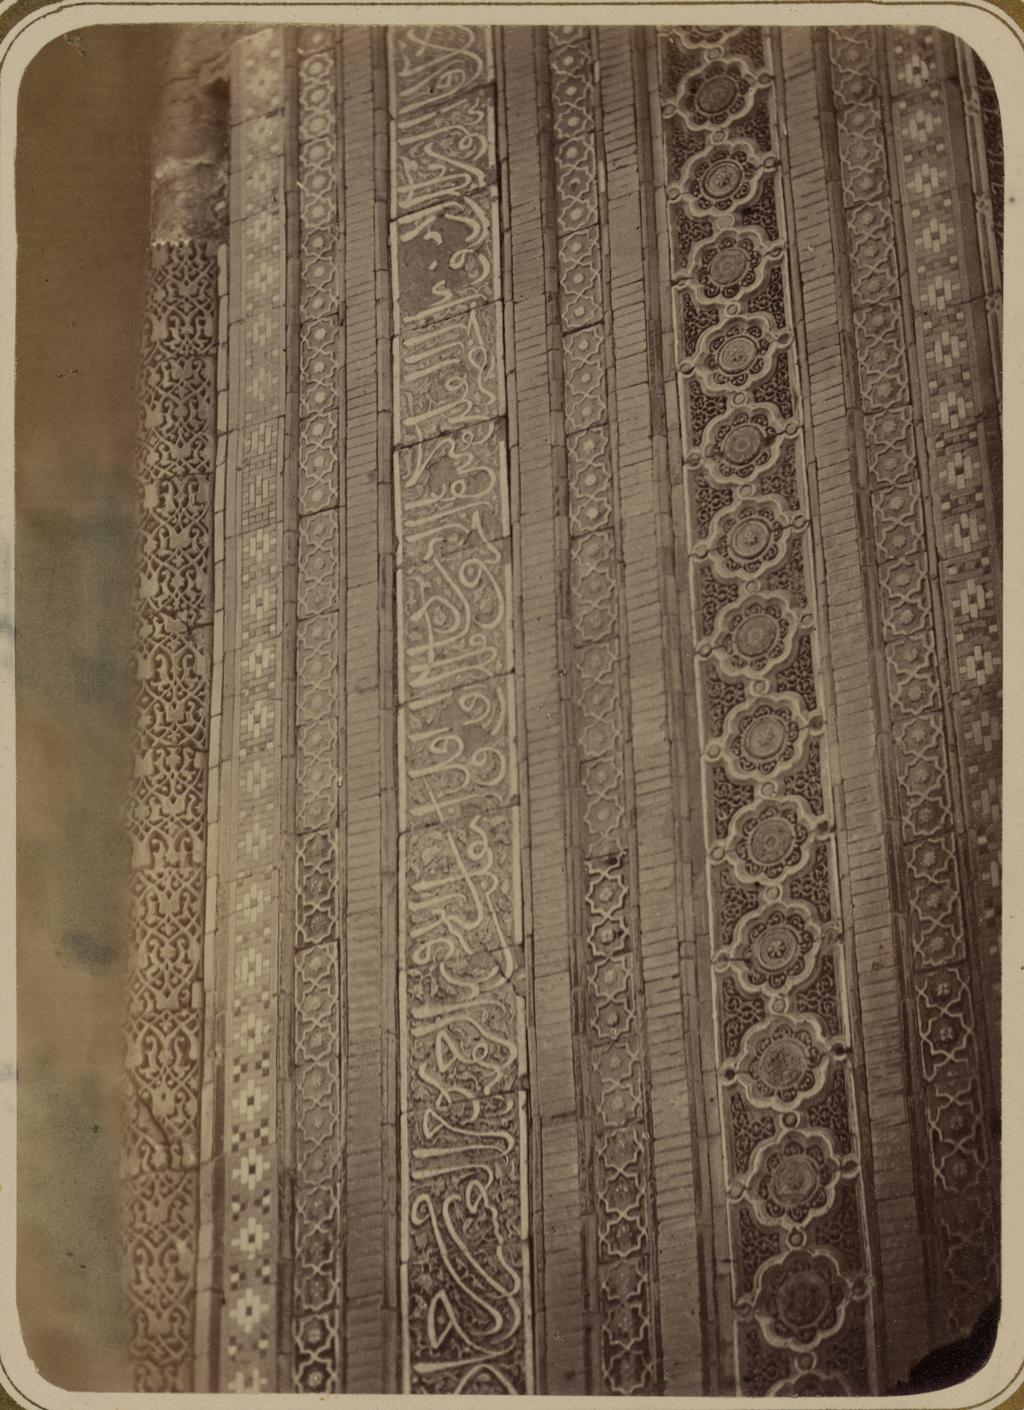 Мавзолей эмира Кутулука Турди Бека Ака. Надпись на левой стороне фасада (верх)